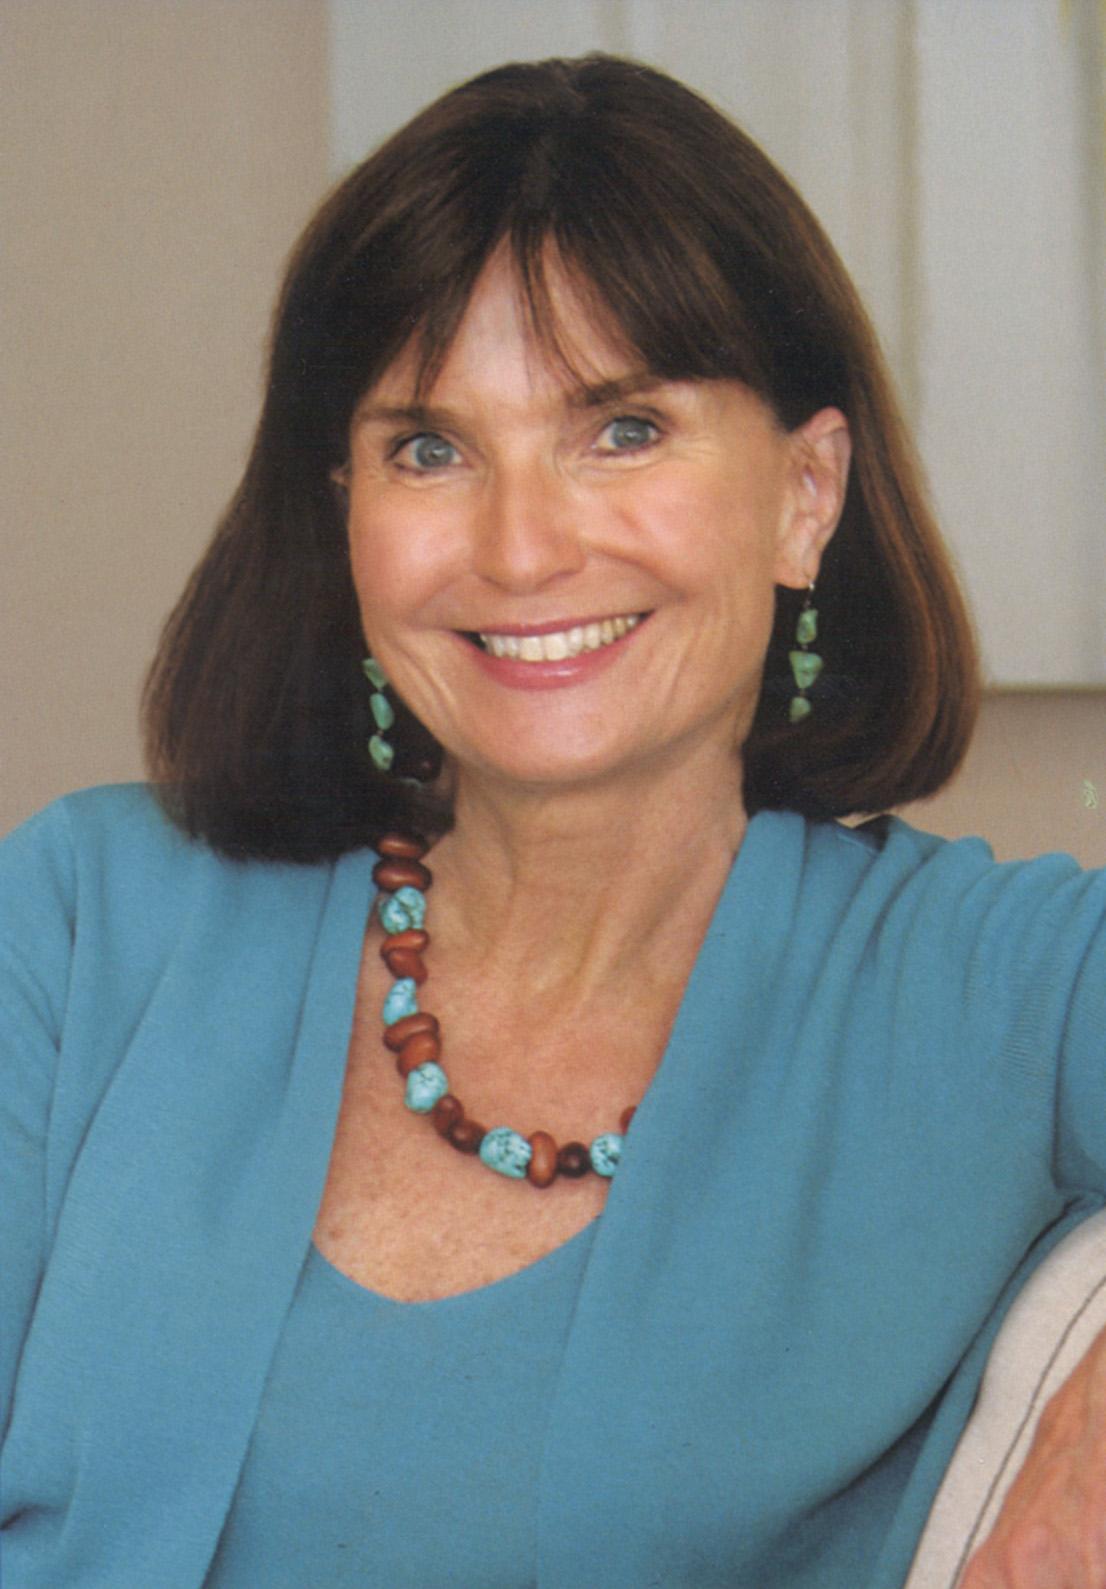 Jean Kilbourne